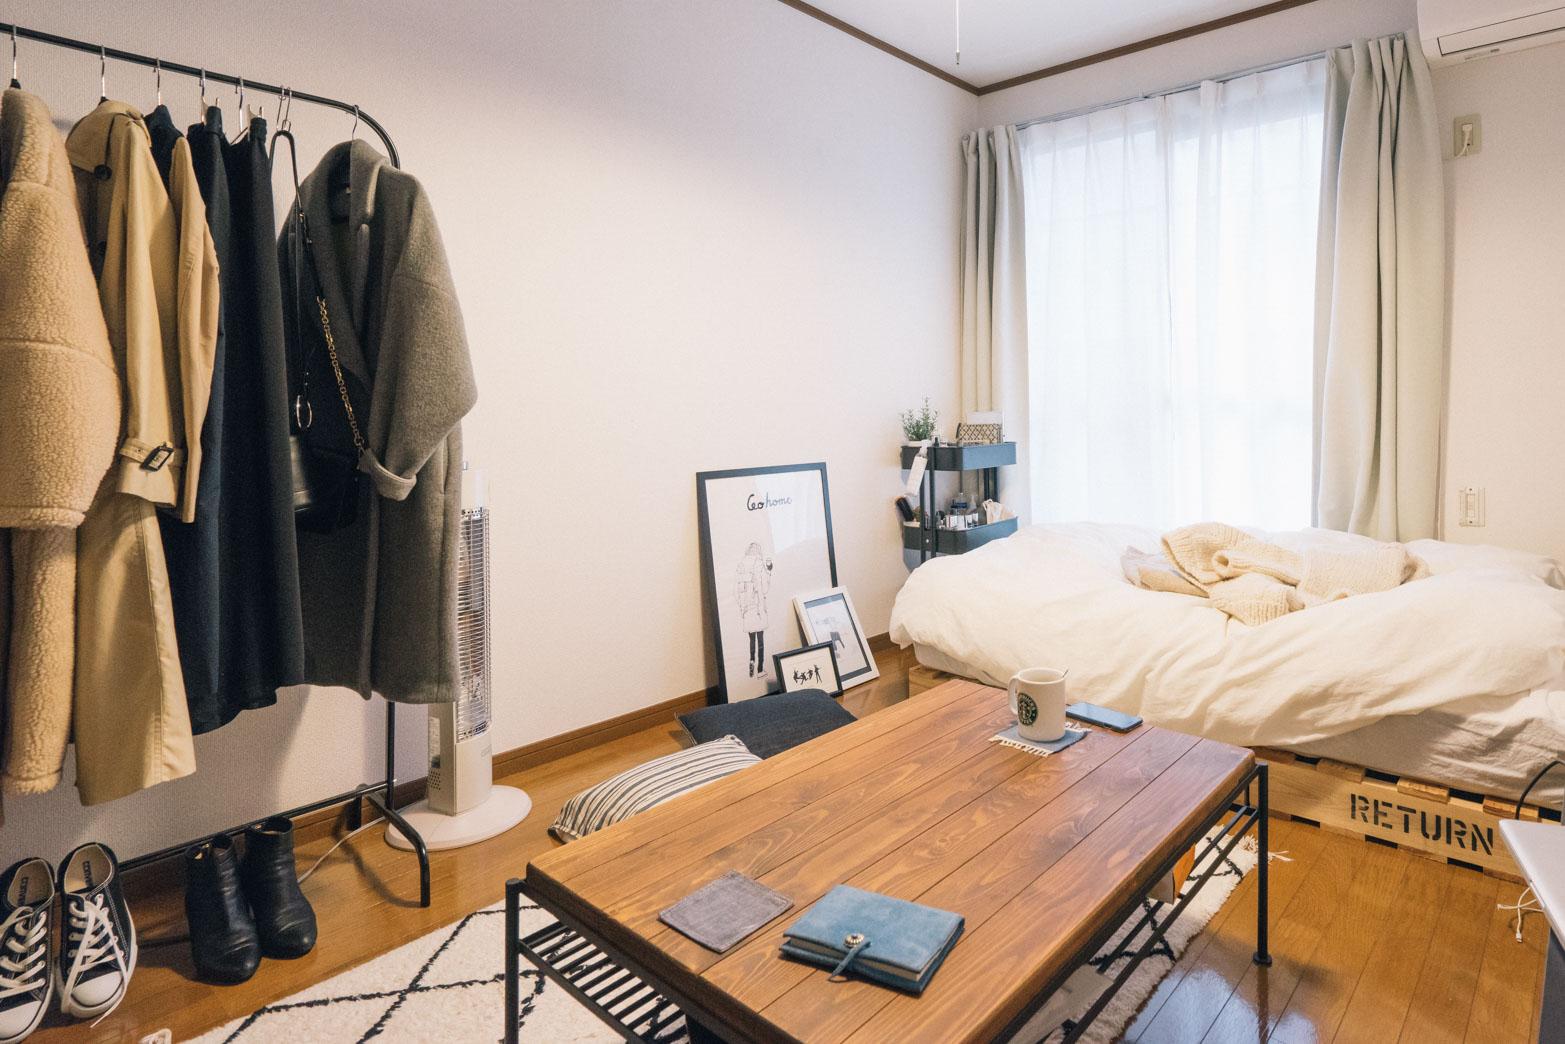 窓側にぴったりベッドを寄せて、空間を広くとった配置のお部屋。